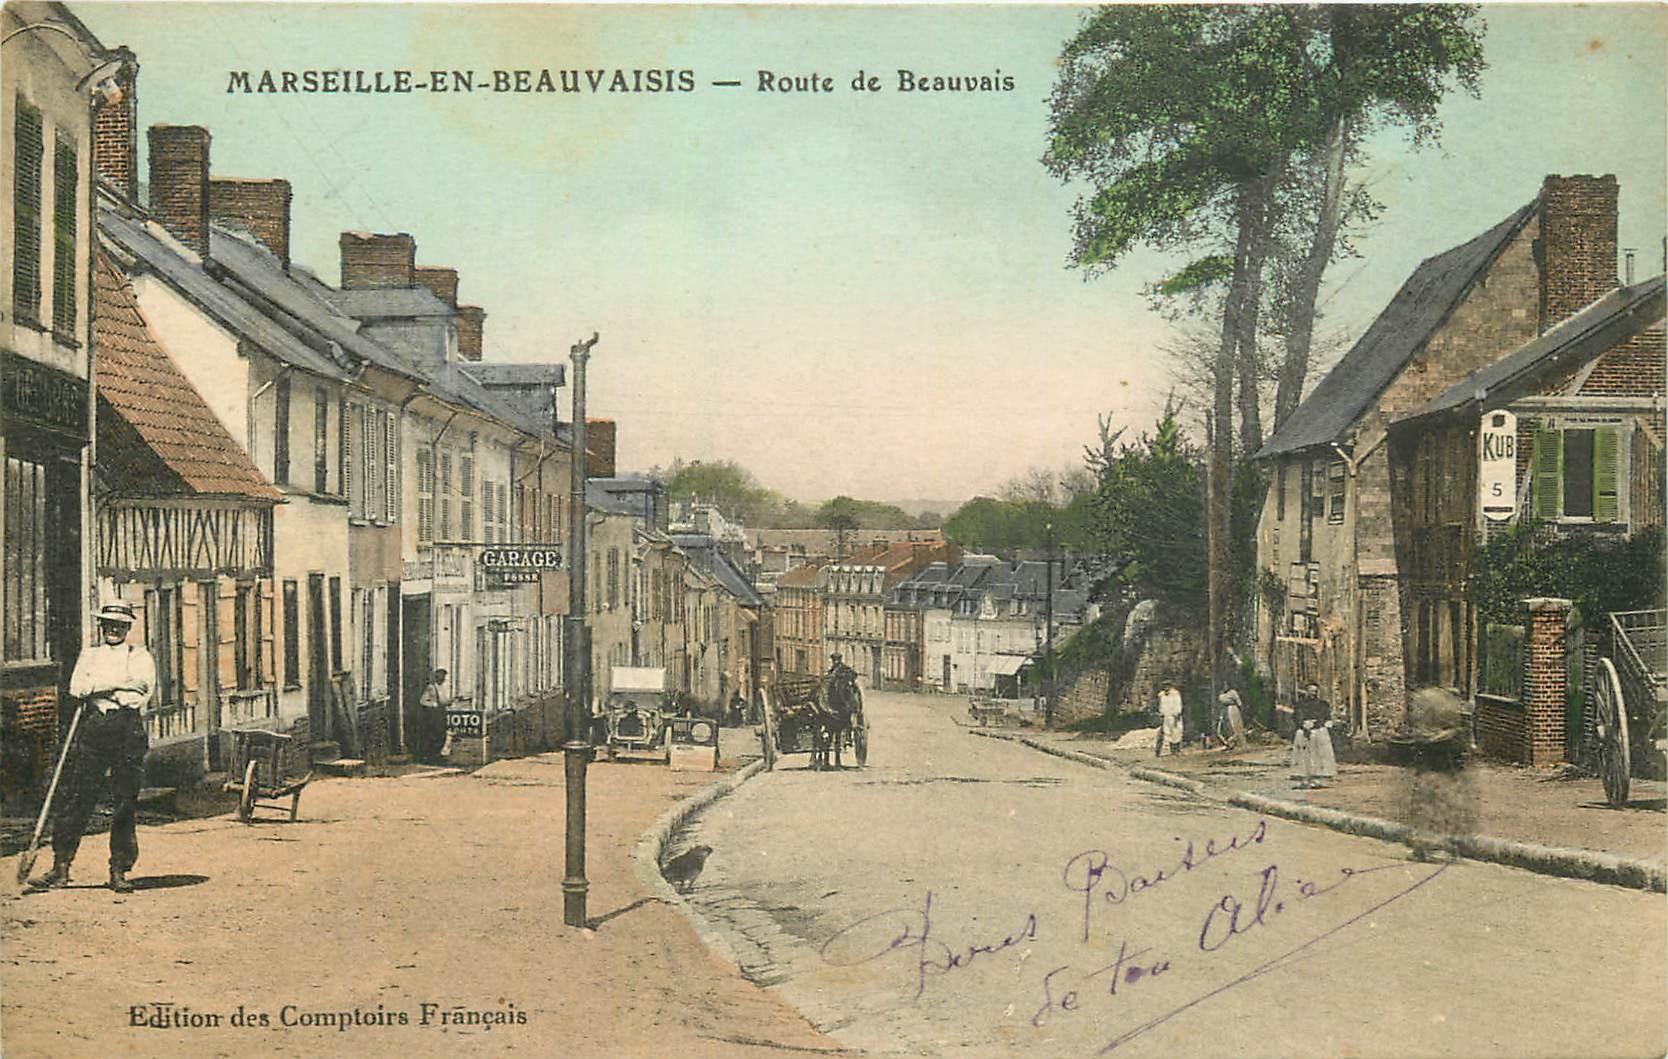 60 MARSEILLE-EN-BEAUVAISIS. Garage Route de Beauvais 1917 Edition des Comptoirs Français